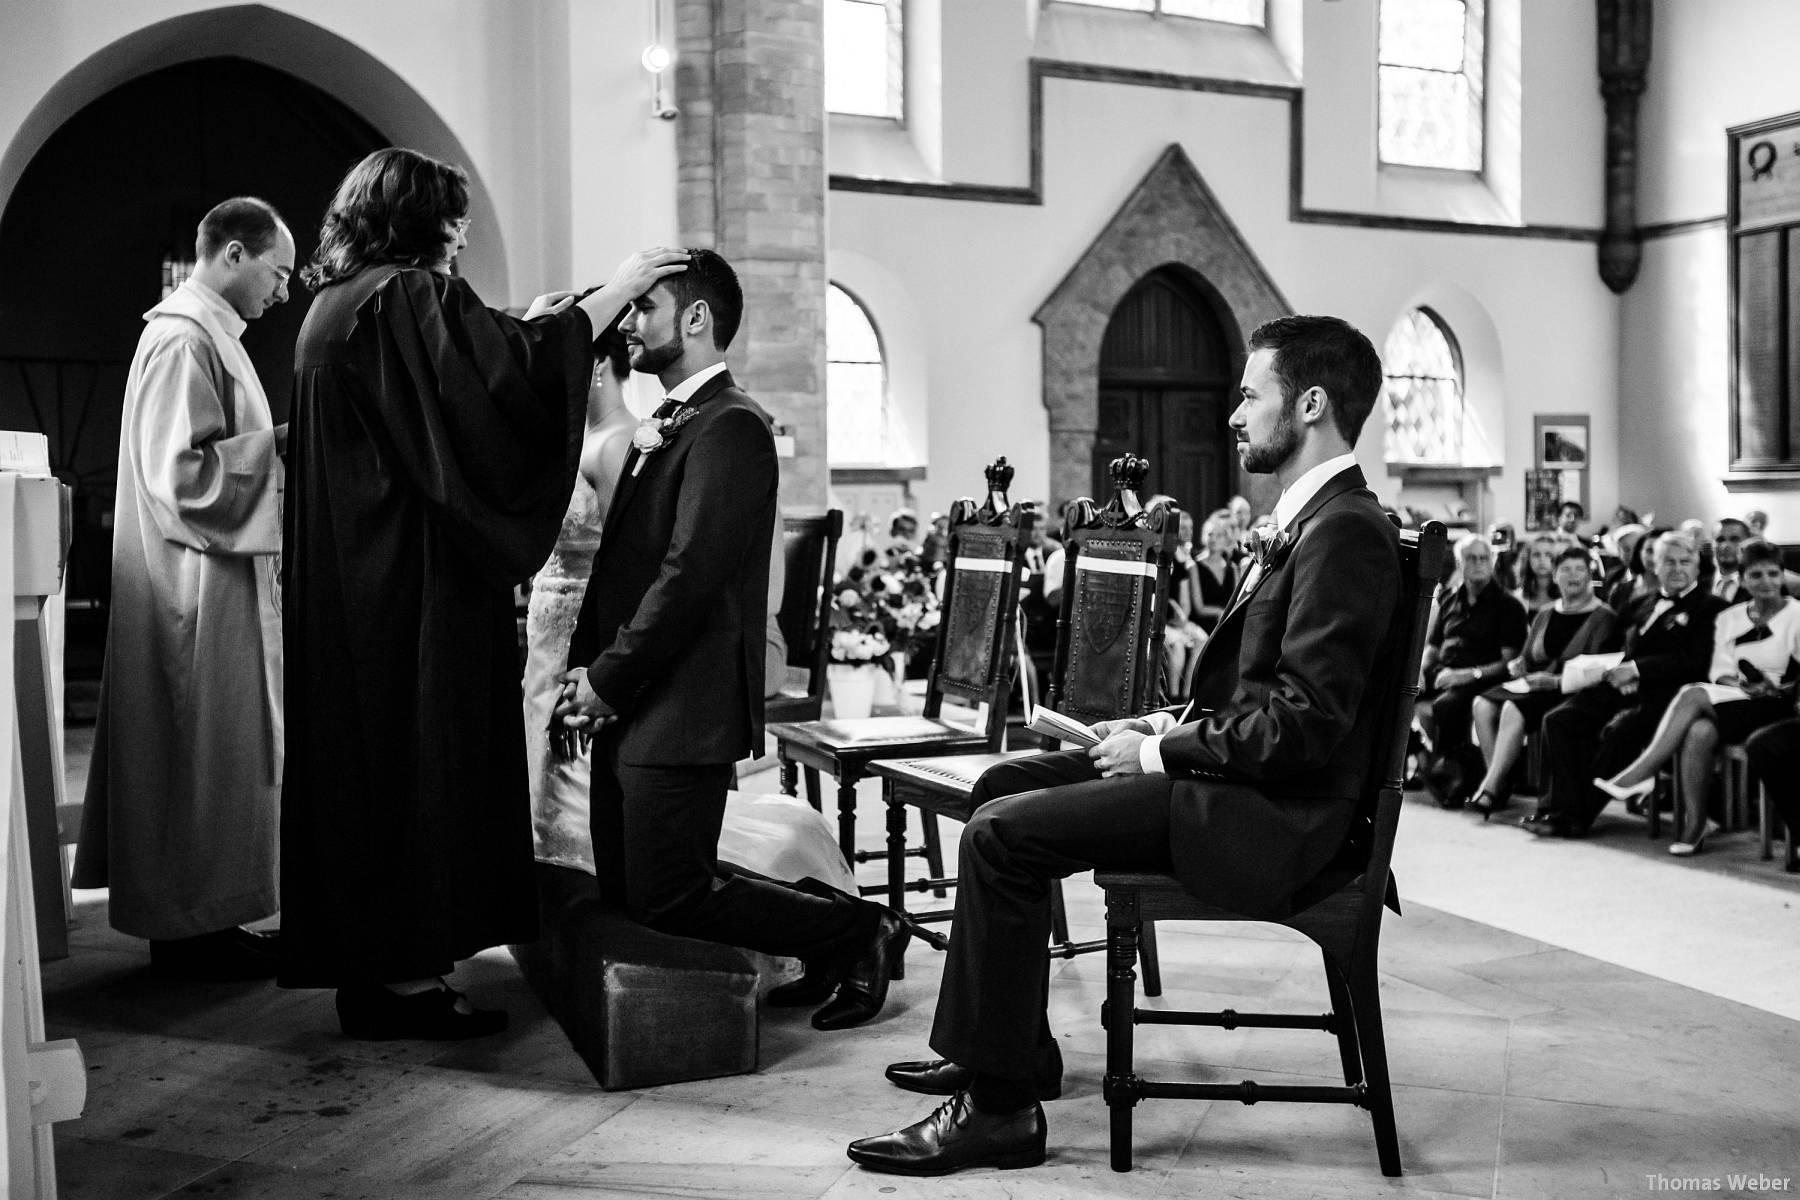 Hochzeitsfotograf Oldenburg: Kirchliche Trauung in der Garnisonkirche Oldenburg und Feier im Landhaus Etzhorn Oldenburg (14)